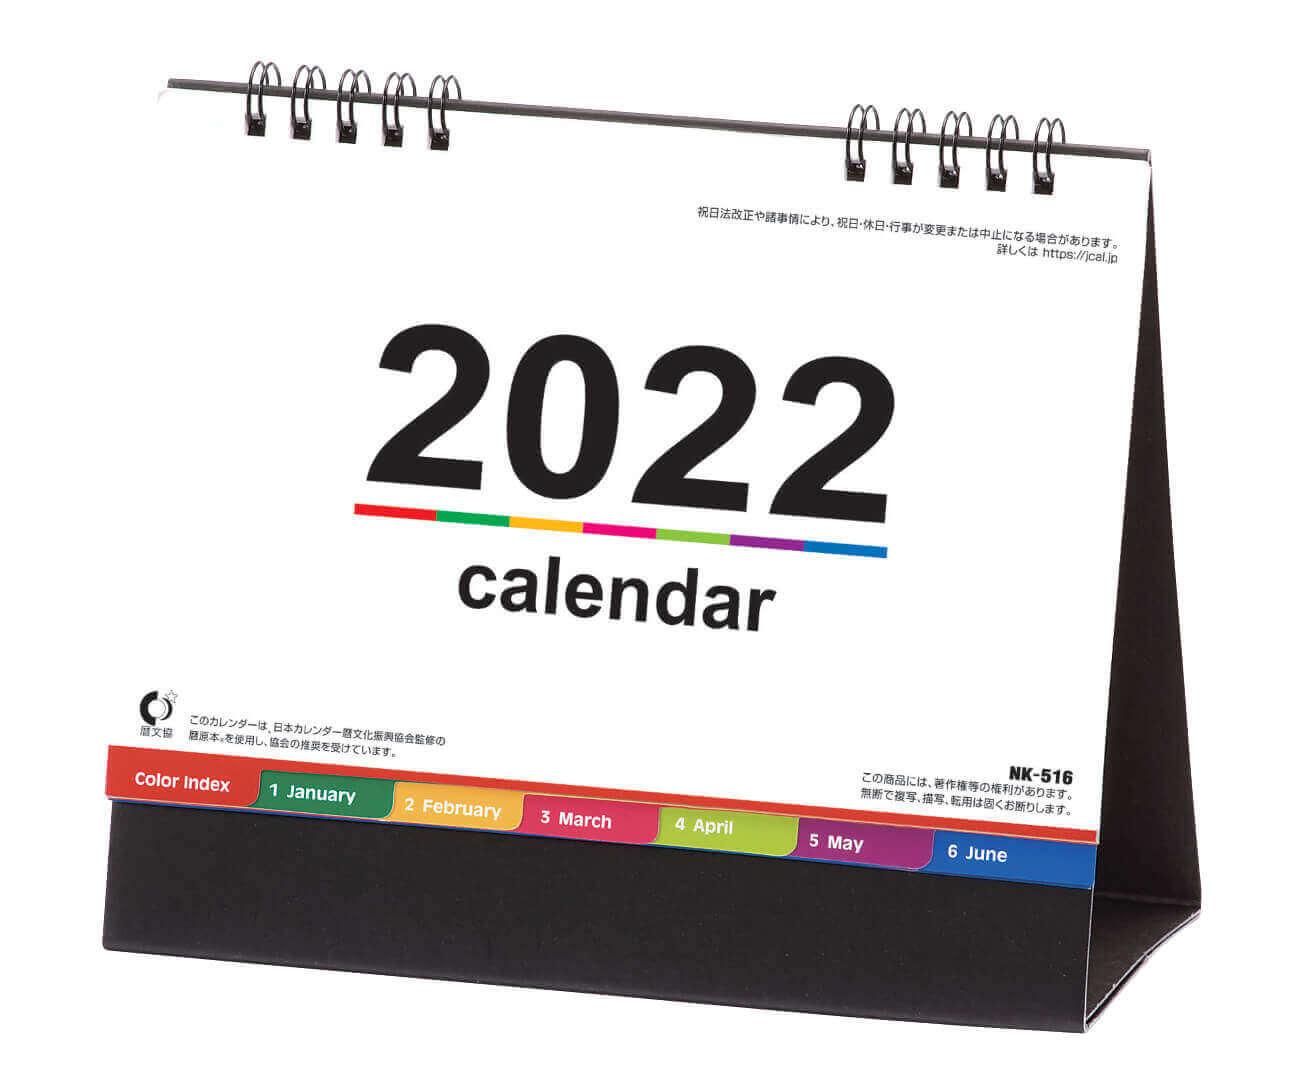 卓上・カラーインデックス 2022年カレンダーの画像